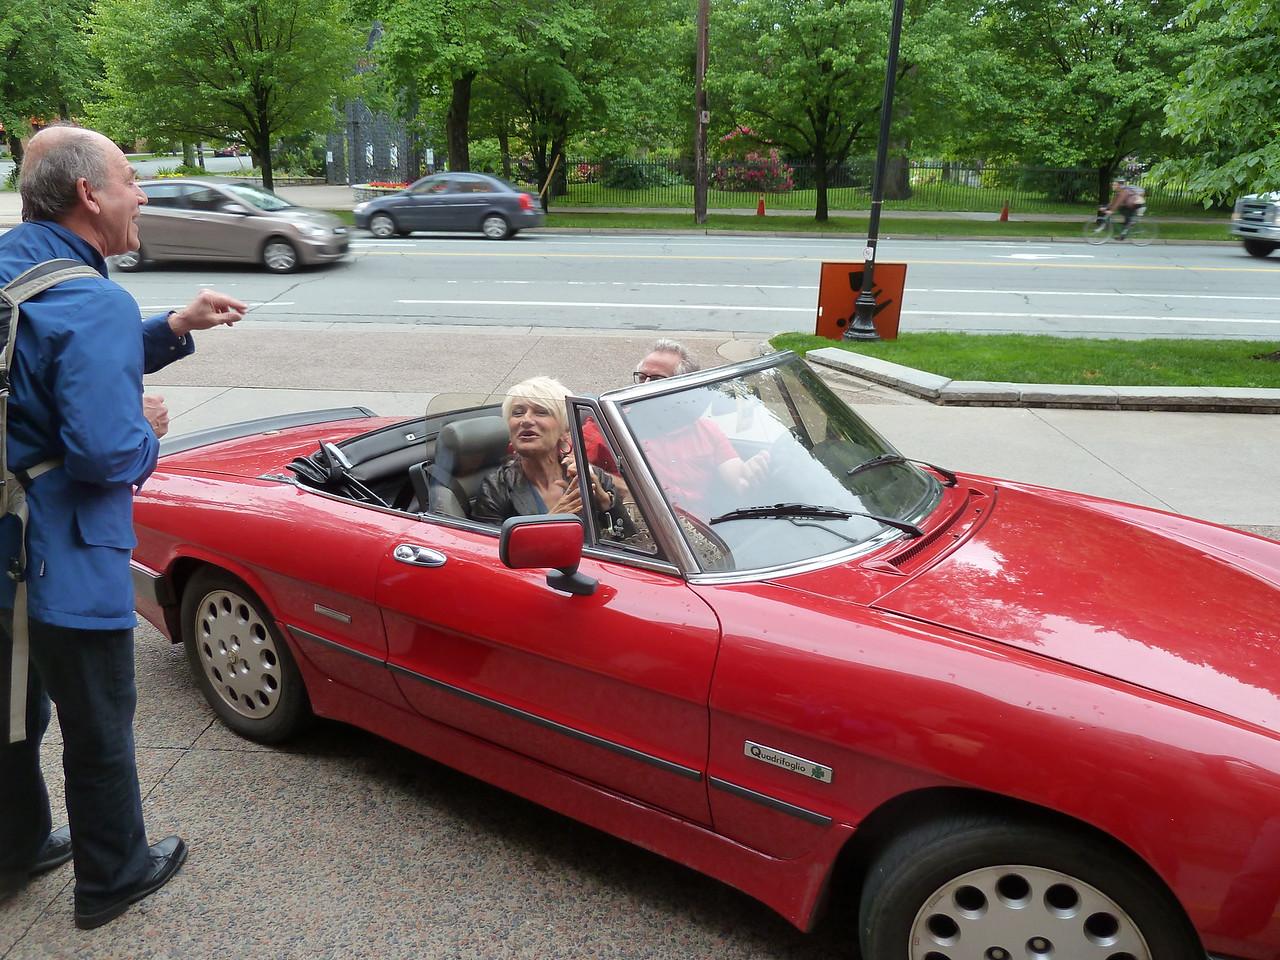 Josh and Natalia head off in the Alfa